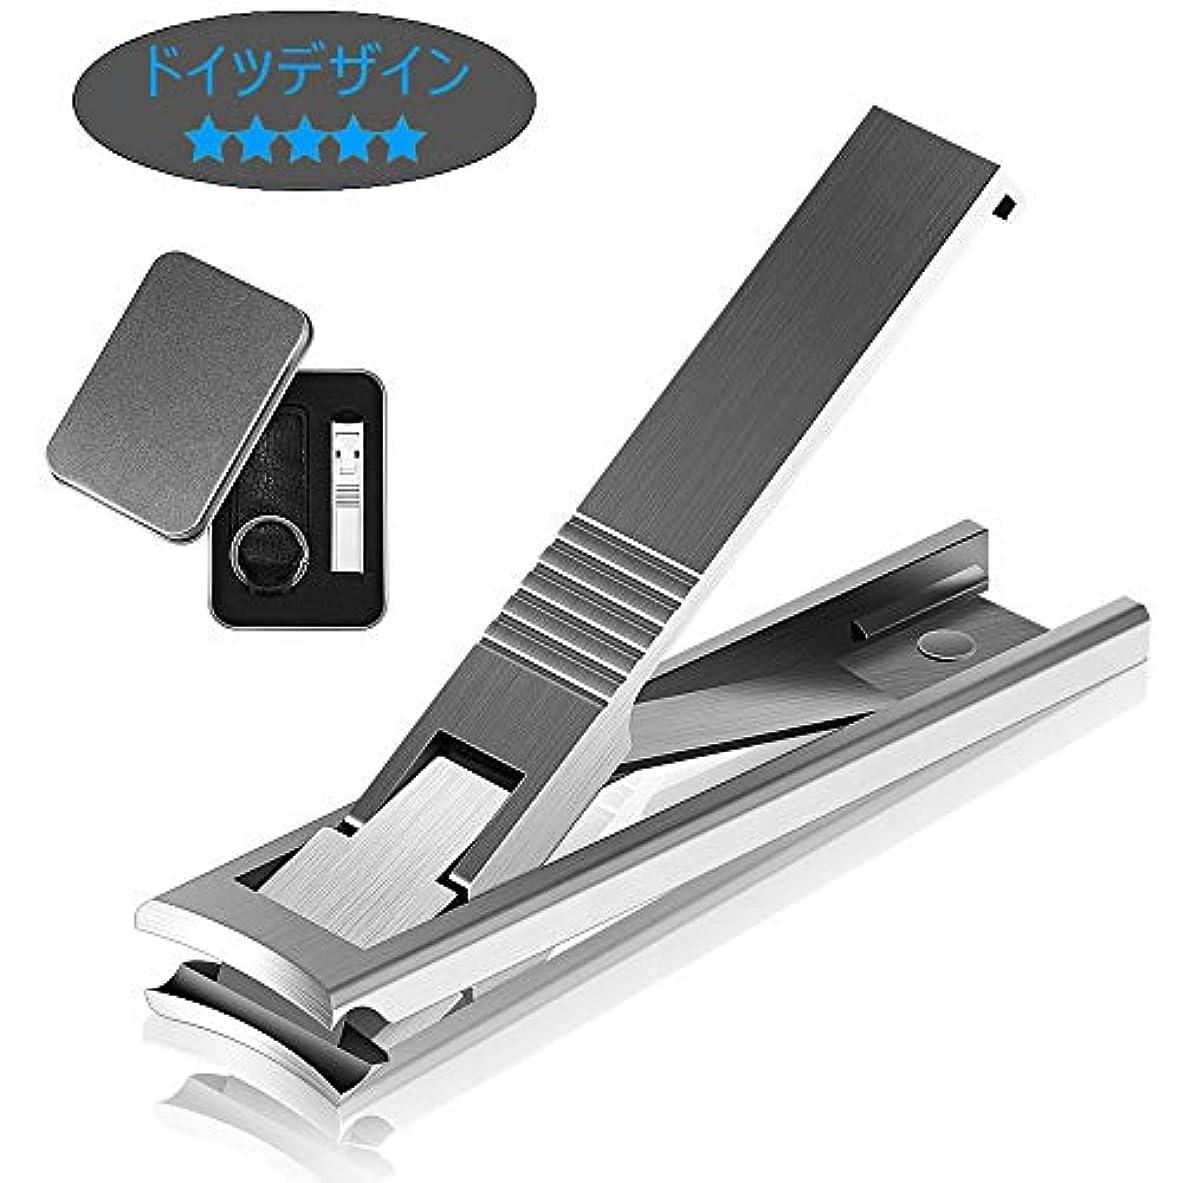 落ち込んでいる心配立法爪切り-LECDDL 革新的なデザイン 厚さ3.8mmの超薄型爪切り つめきり カバー付き ステンレス鋼製 人気 高級飛び散り防止爪切り レザー収納袋付き 持ち運びしやすい